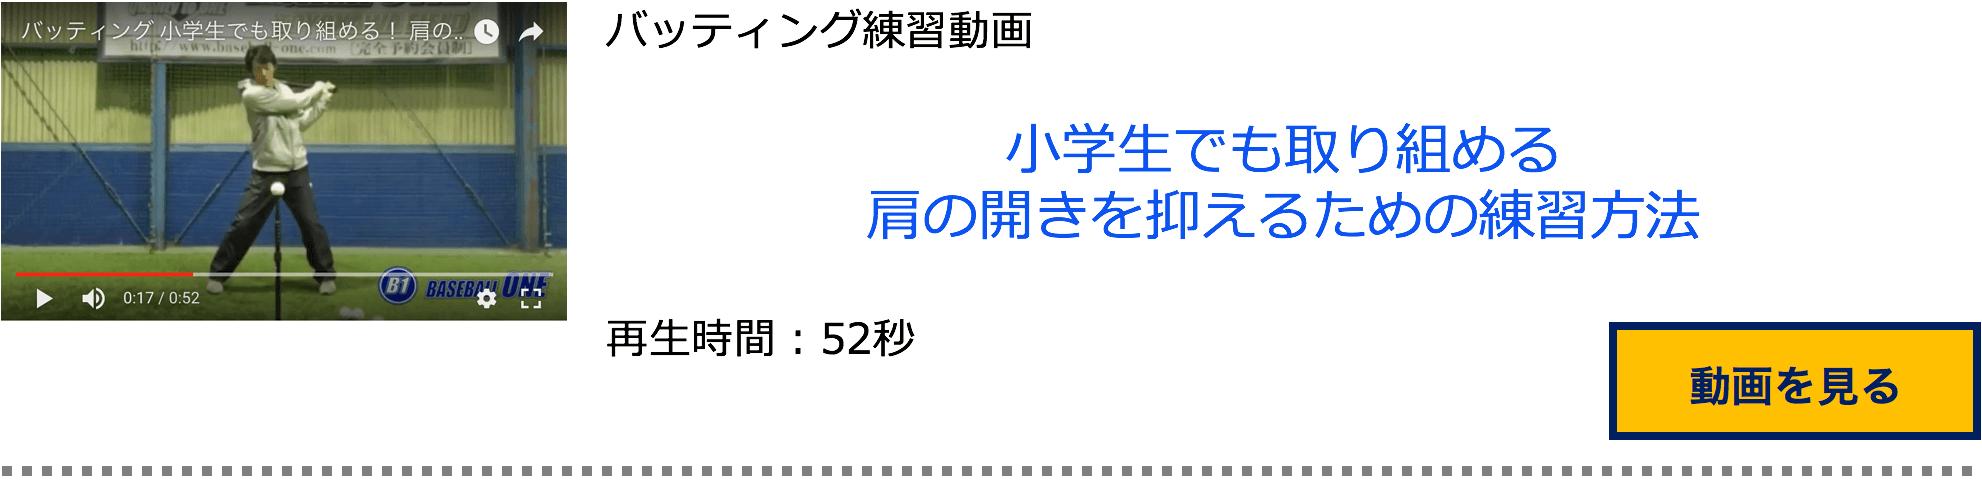 スクリーンショット 2017-05-17 18.33.16